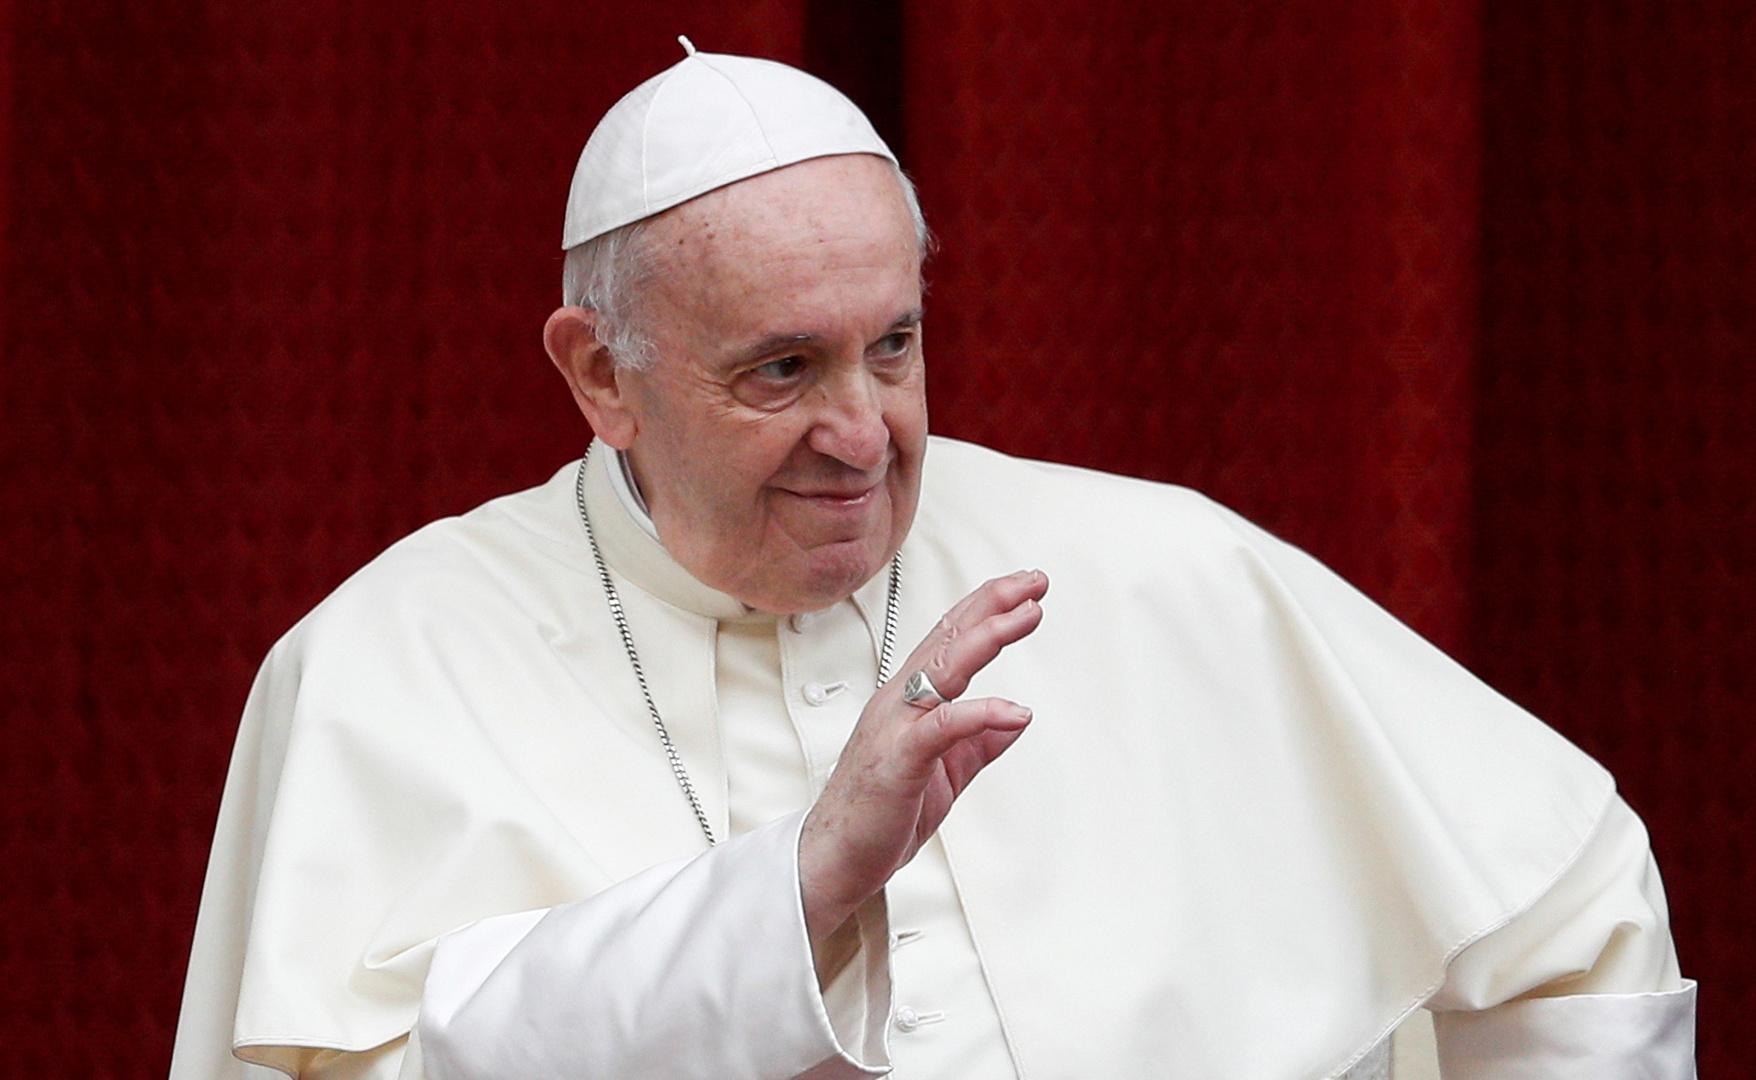 البابا فرنسيس يوجه رسالة في ذكرى مقتل 21 قبطيا في ليبيا على يد